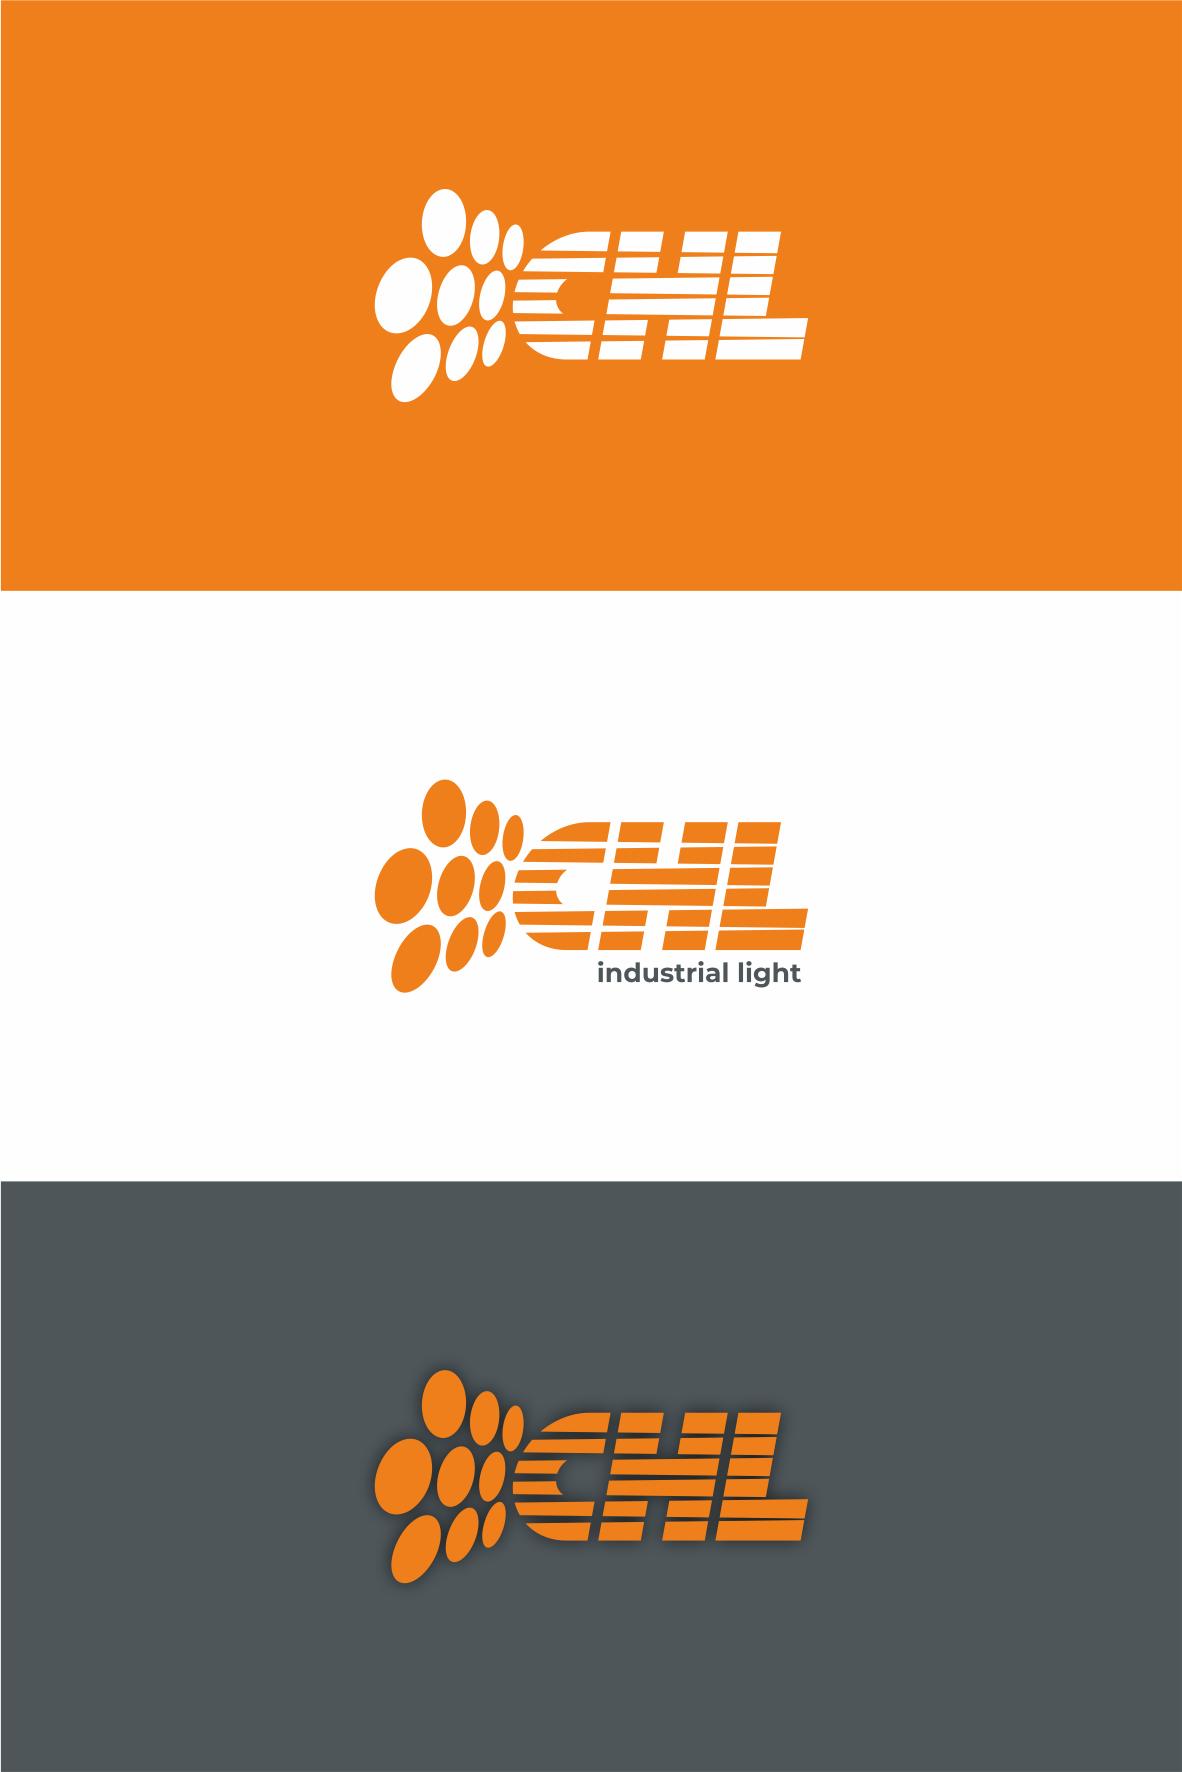 разработка логотипа для производителя фар фото f_6715f5e7af600eac.png